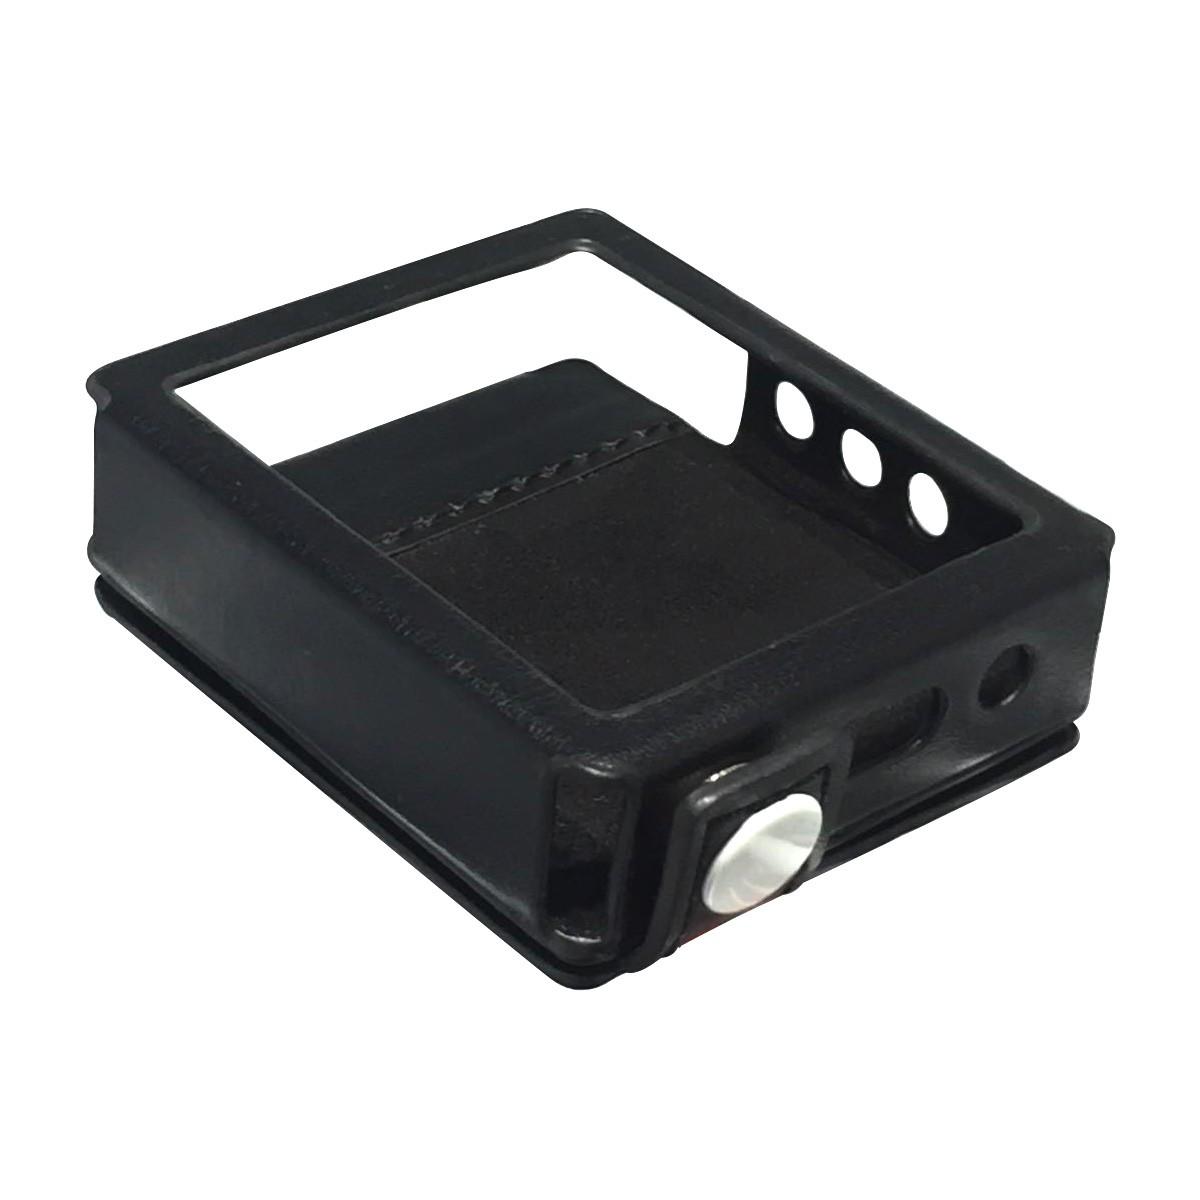 HIDIZS Leatherette Protective Case for Hidizs AP80 Noir